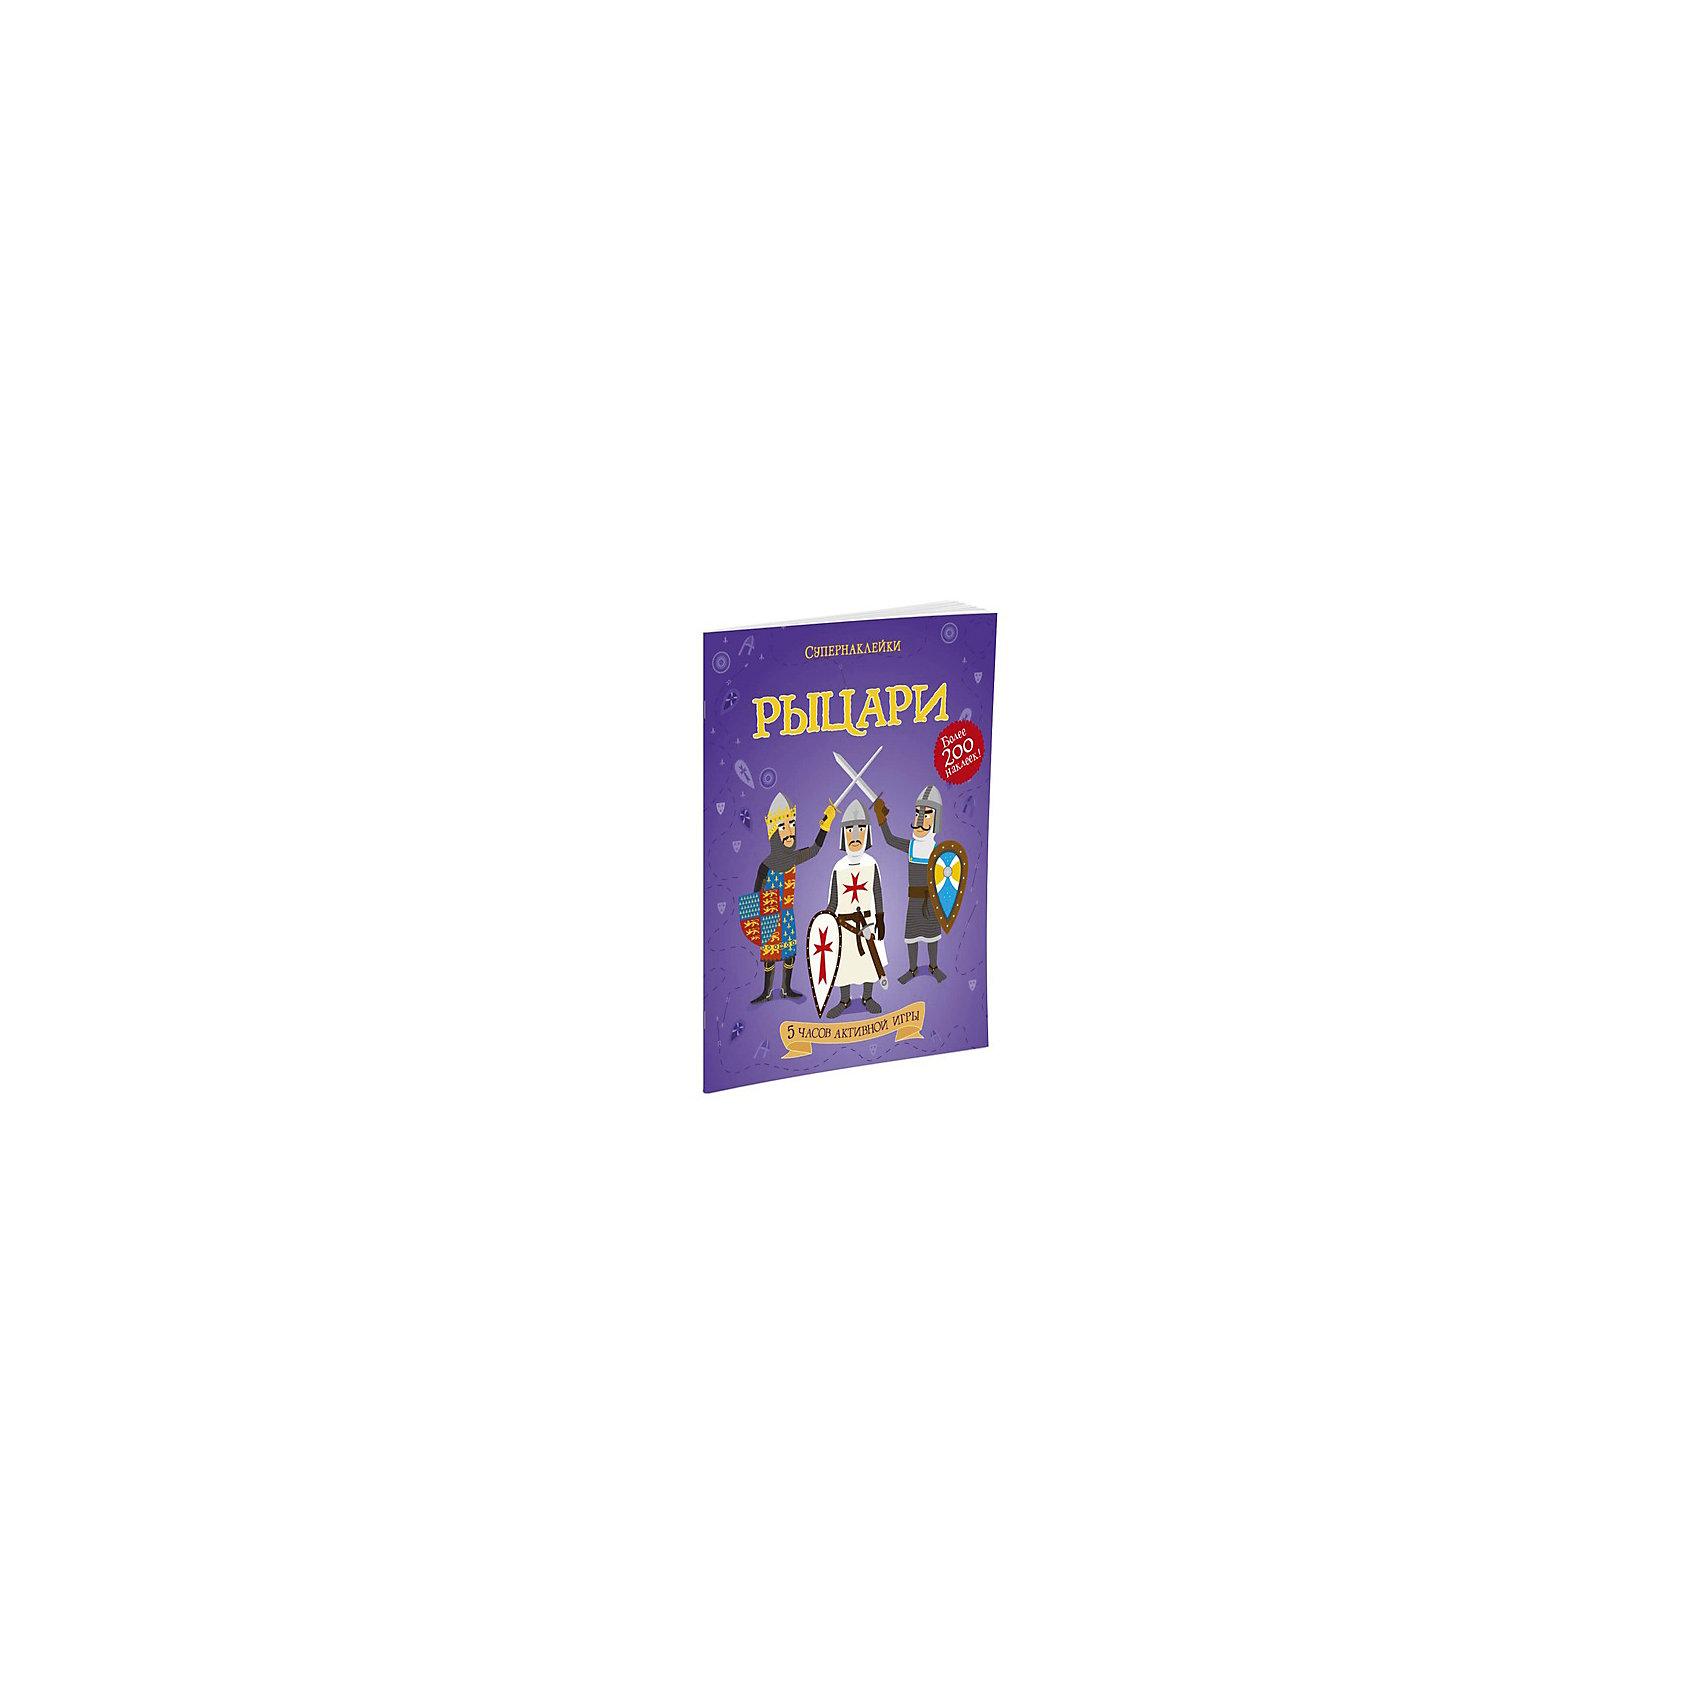 Наклейки Рыцари, MACHAONМахаон<br>Книжка Рыцари.<br><br>Характеристики:<br><br>• Для детей в возрасте: от 7 до 10 лет<br>• Автор: Дэвис Кейт<br>• Художник: Дехигер Жан-Себастьян<br>• Переводчик: Романов Евгений<br>• Редактор: Беляева Н.<br>• Издательство: Махаон, 2015 год<br>• Серия: Супернаклейки<br>• Тип обложки: мягкий переплет (крепление скрепкой или клеем)<br>• Оформление: с наклейками (более 200 наклеек)<br>• Иллюстрации: цветные<br>• Количество страниц: 24 (мелованная)<br>• Размер: 305x240x4 мм.<br>• Вес: 301 гр.<br>• ISBN: 9785389054448<br><br>Герои этой книги – благородные рыцари. Снаряди их для сражения, военного похода, турнира, охоты и пира! Читаем и играем! 5 часов активной игры! Развиваем внимание, воображение, мелкую моторику и художественный вкус.<br><br>Книжку Рыцари можно купить в нашем интернет-магазине.<br><br>Ширина мм: 305<br>Глубина мм: 240<br>Высота мм: 40<br>Вес г: 301<br>Возраст от месяцев: 84<br>Возраст до месяцев: 120<br>Пол: Мужской<br>Возраст: Детский<br>SKU: 5493462